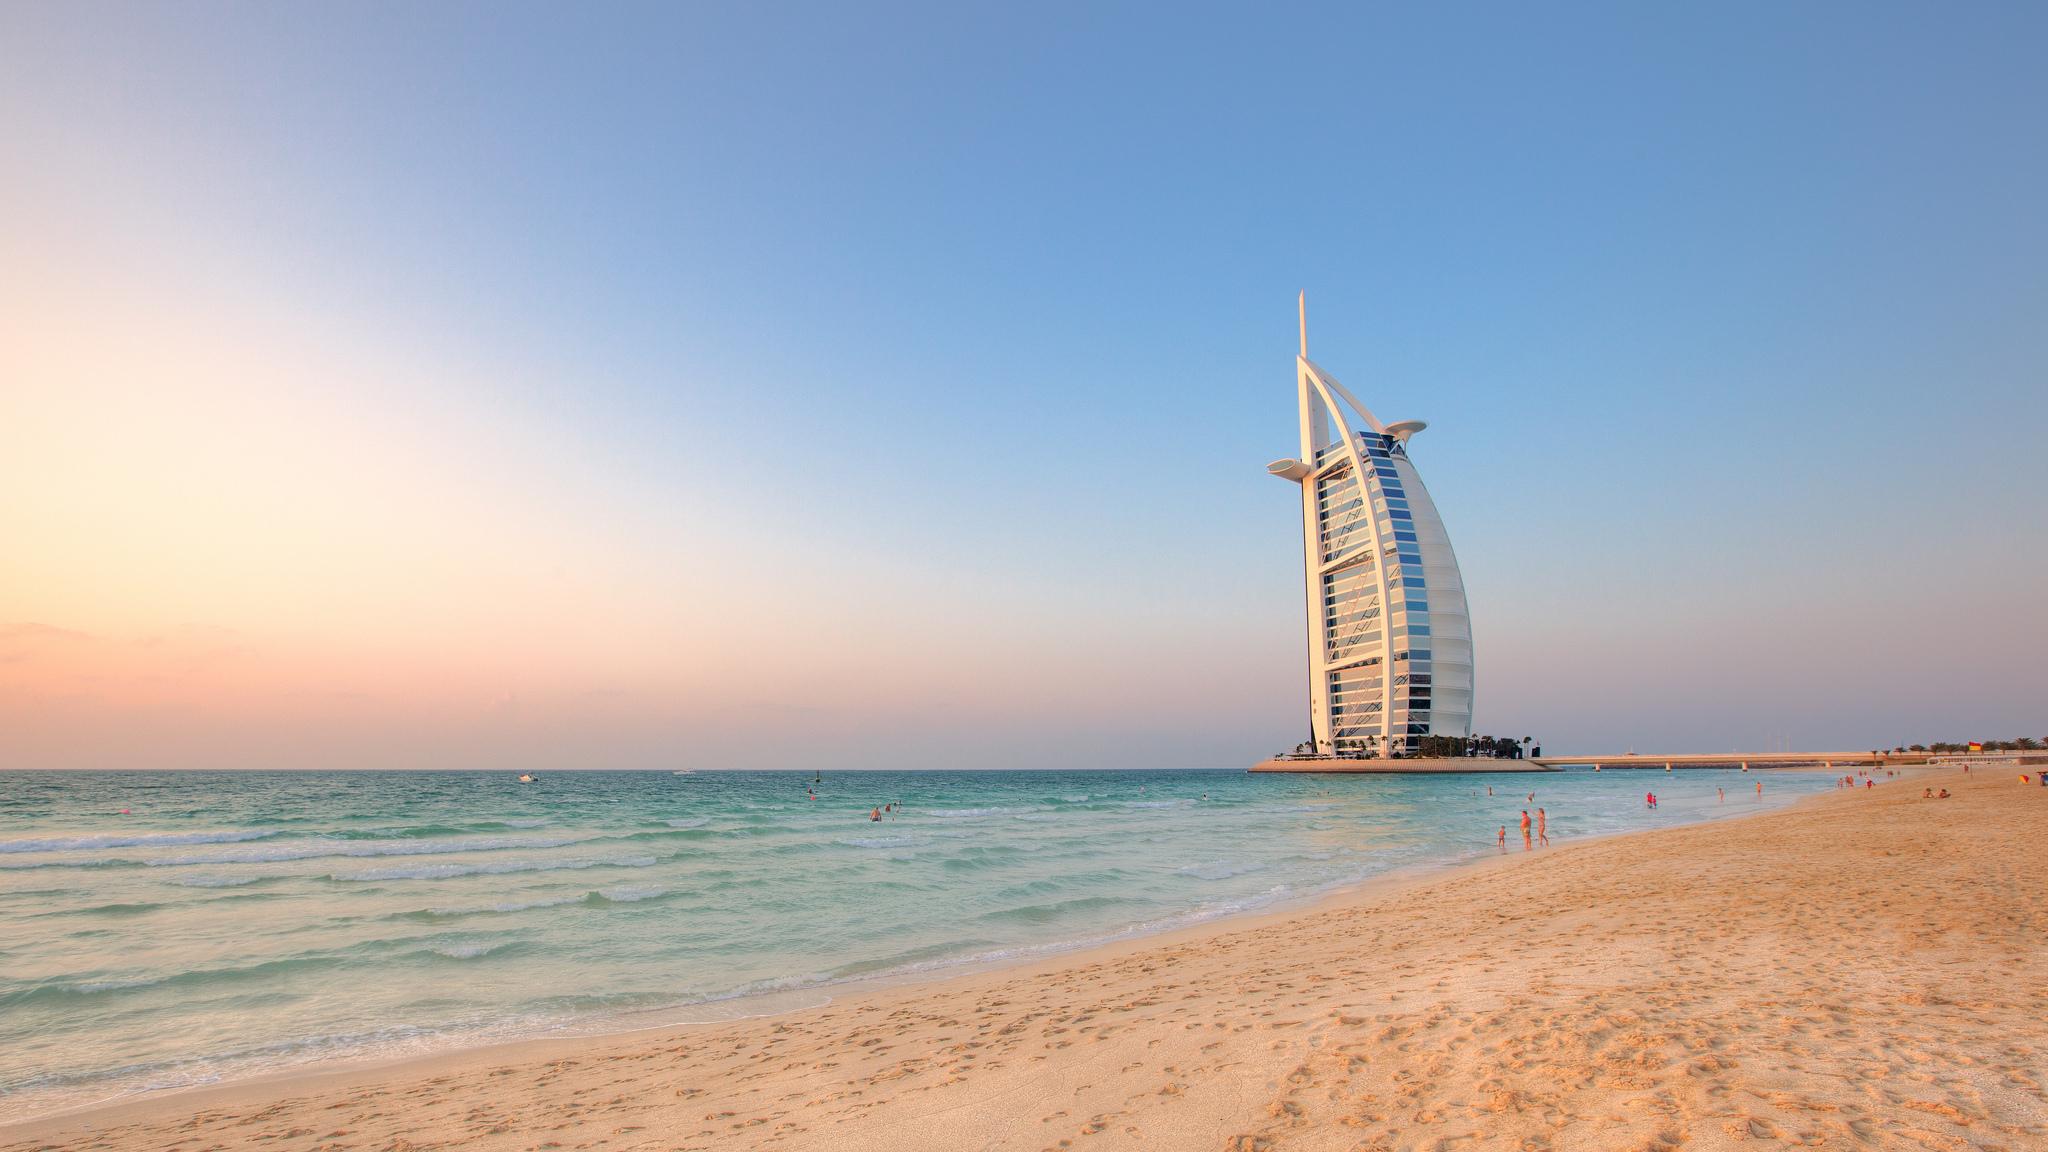 Дубай в июле погода недвижимость за рубежом видео